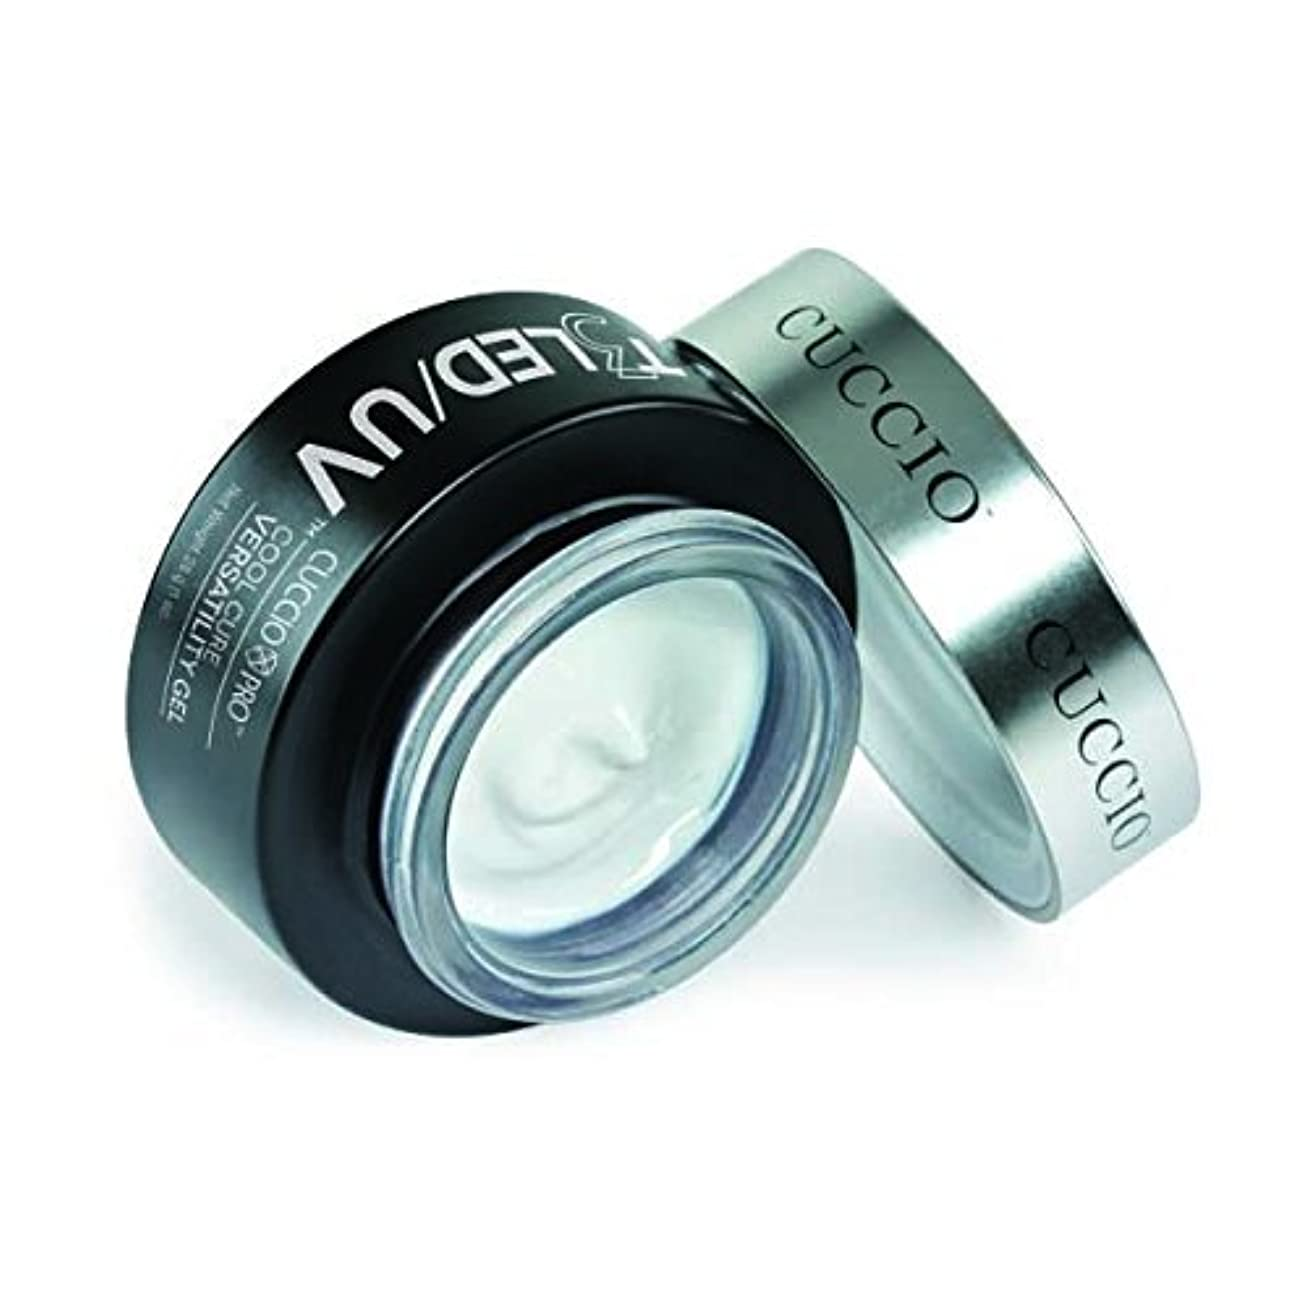 家仕様パラシュートCuccio Pro - T3 LED/UV Self- Leveling Gel - Clear - 2oz / 56g